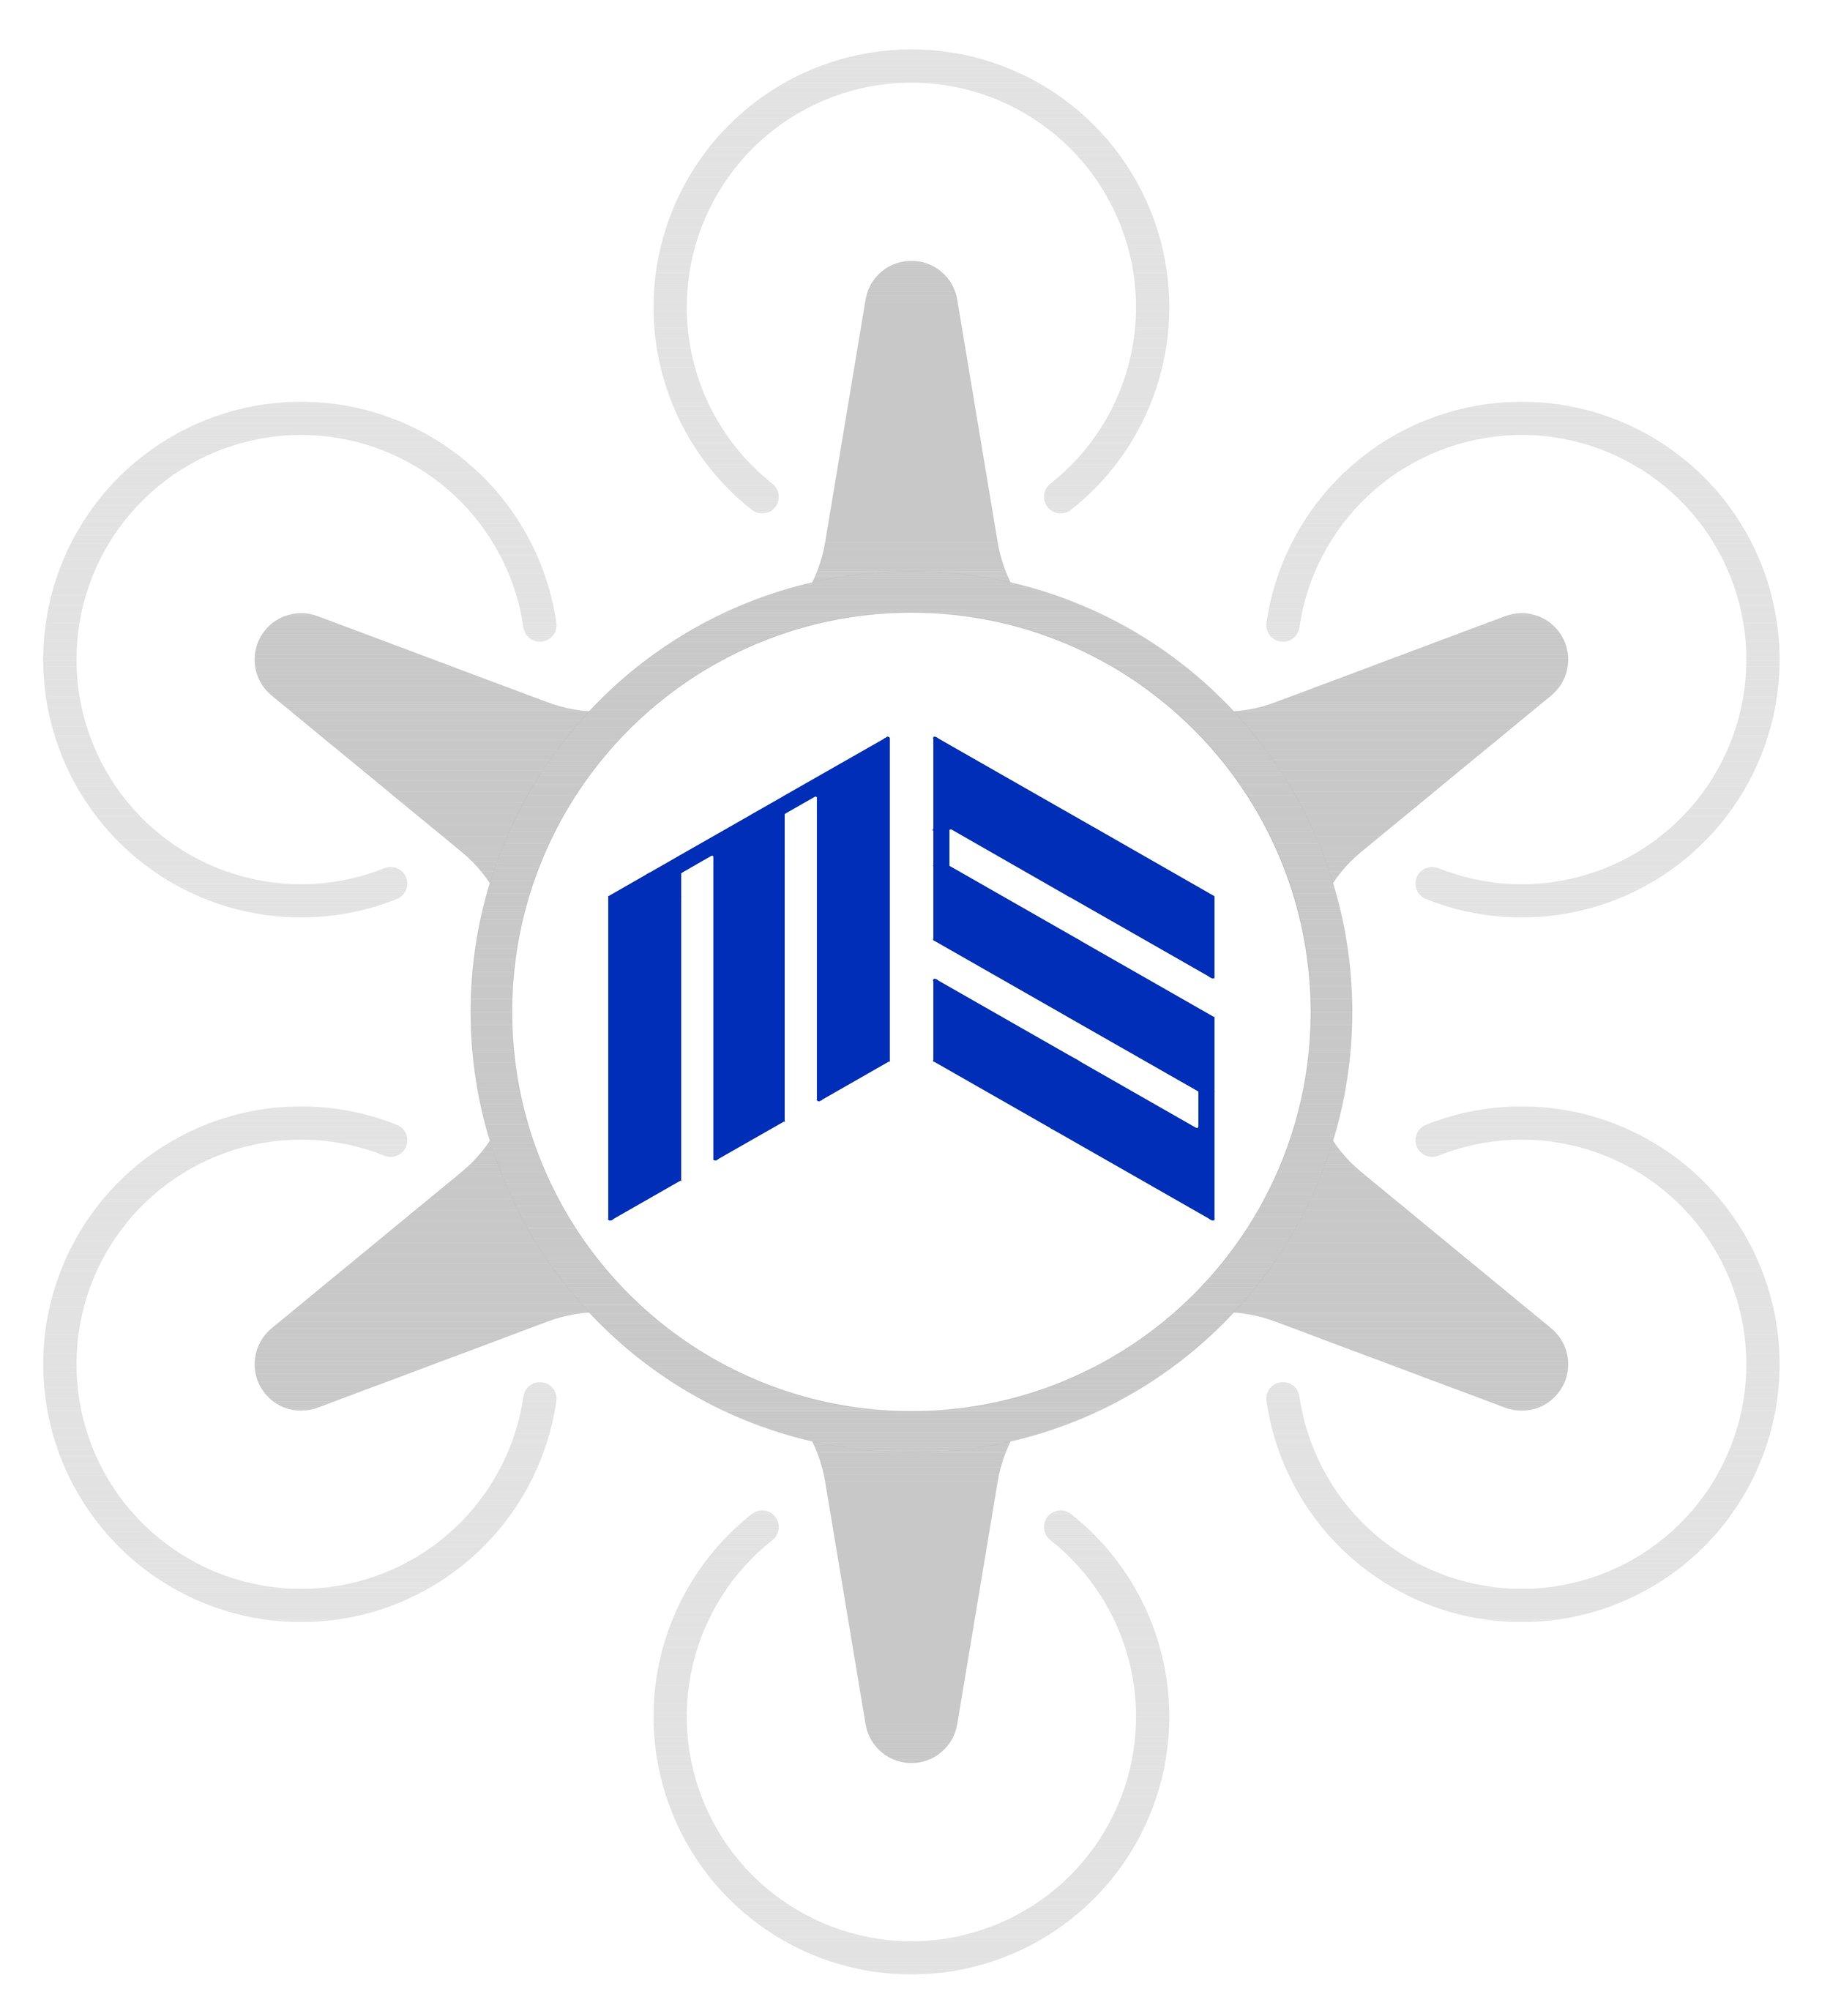 MSI Unmanned Logo - Color - Large.jpg